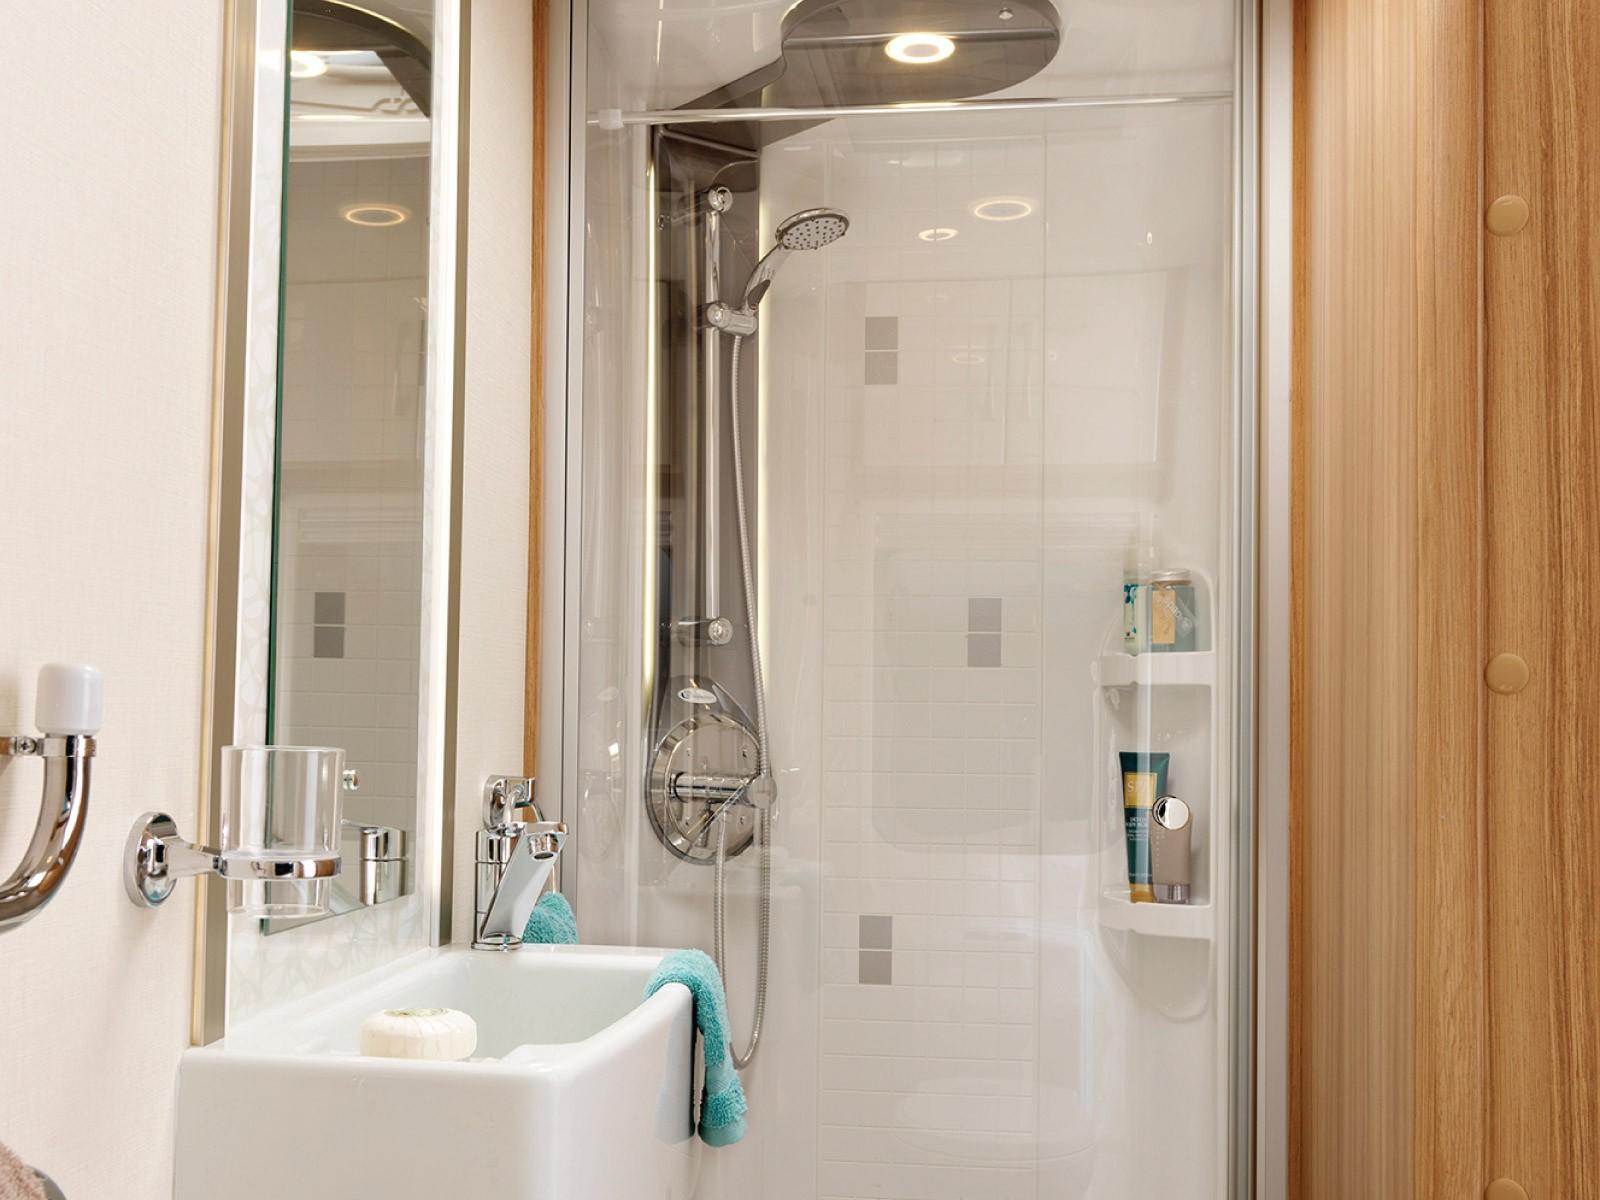 Lunar Caravans Internal Washroom Shower Image